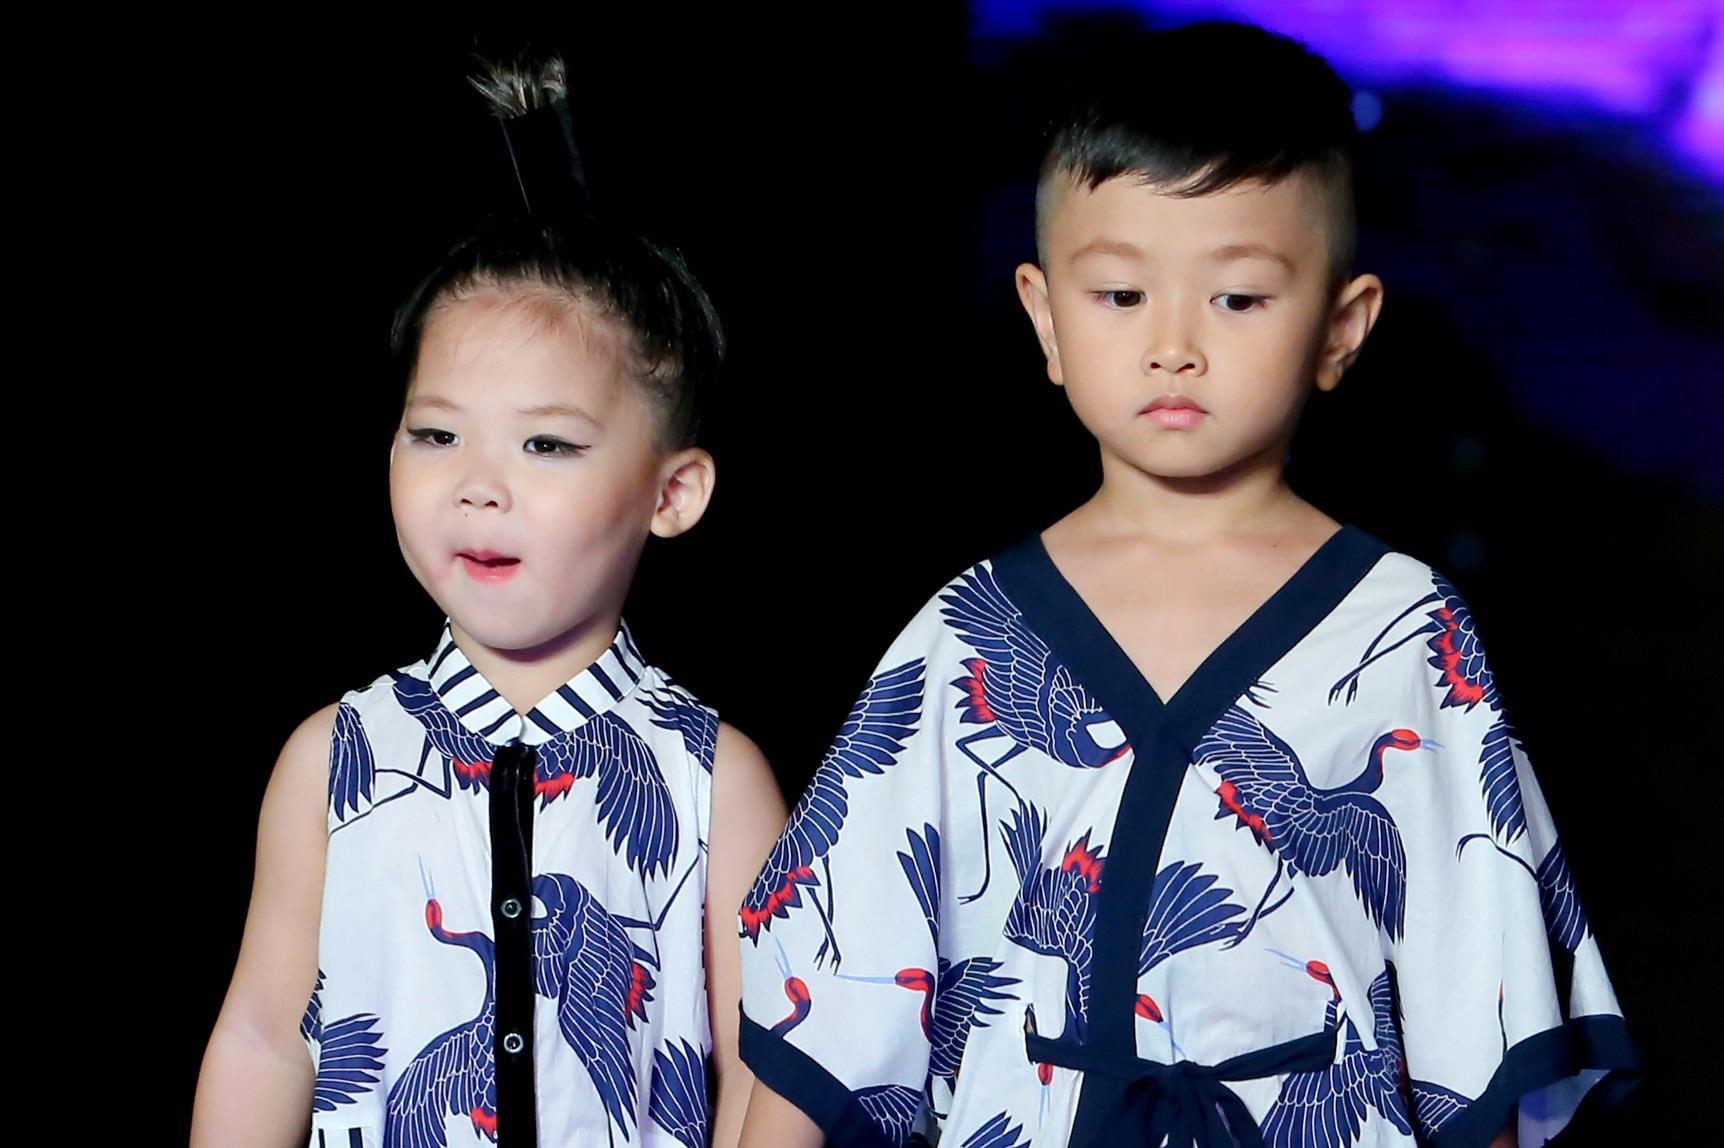 Mẫu nhí đáng yêu với trang phục cảm hứng Nhật Bản